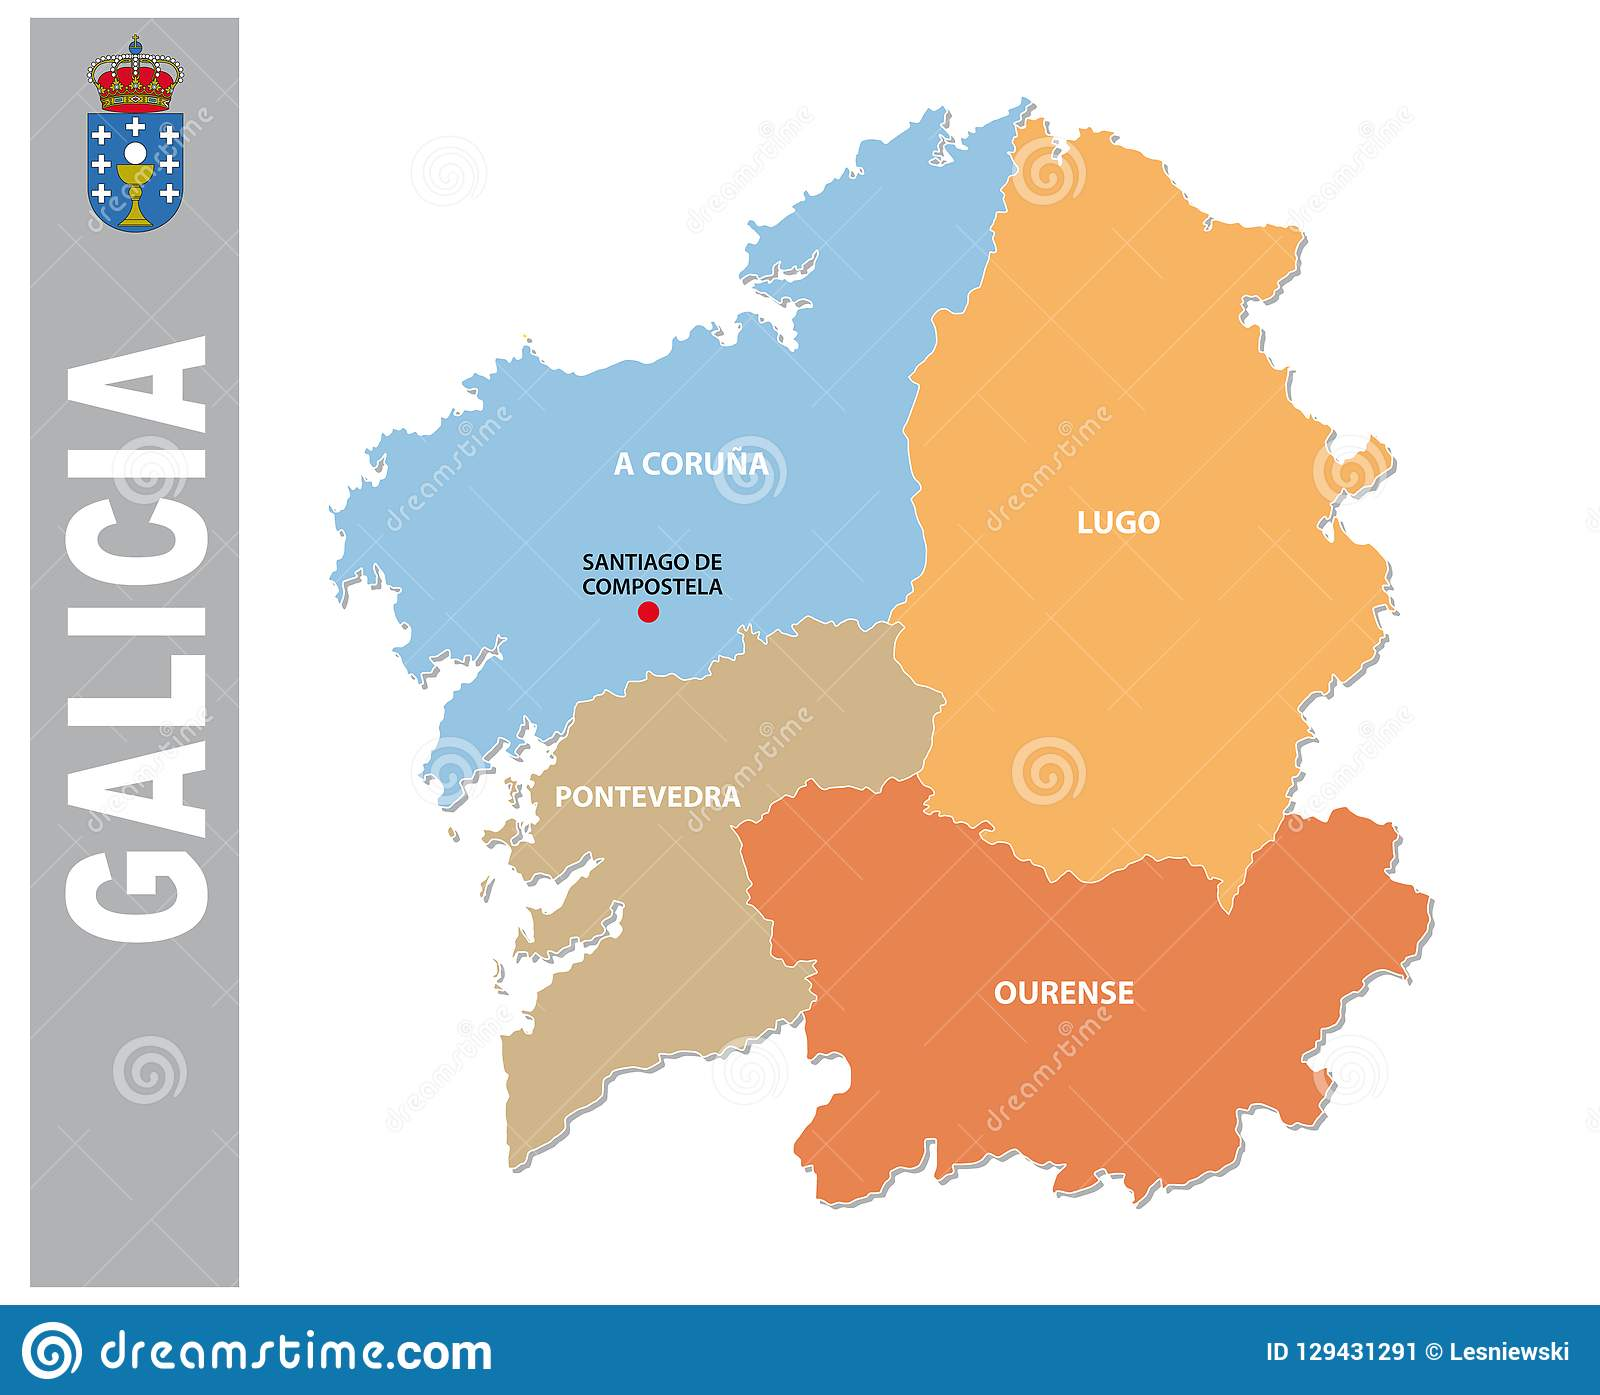 Mapa Politico De Galicia.Mapa Administrativo Y Politico De Galicia Colorida Del